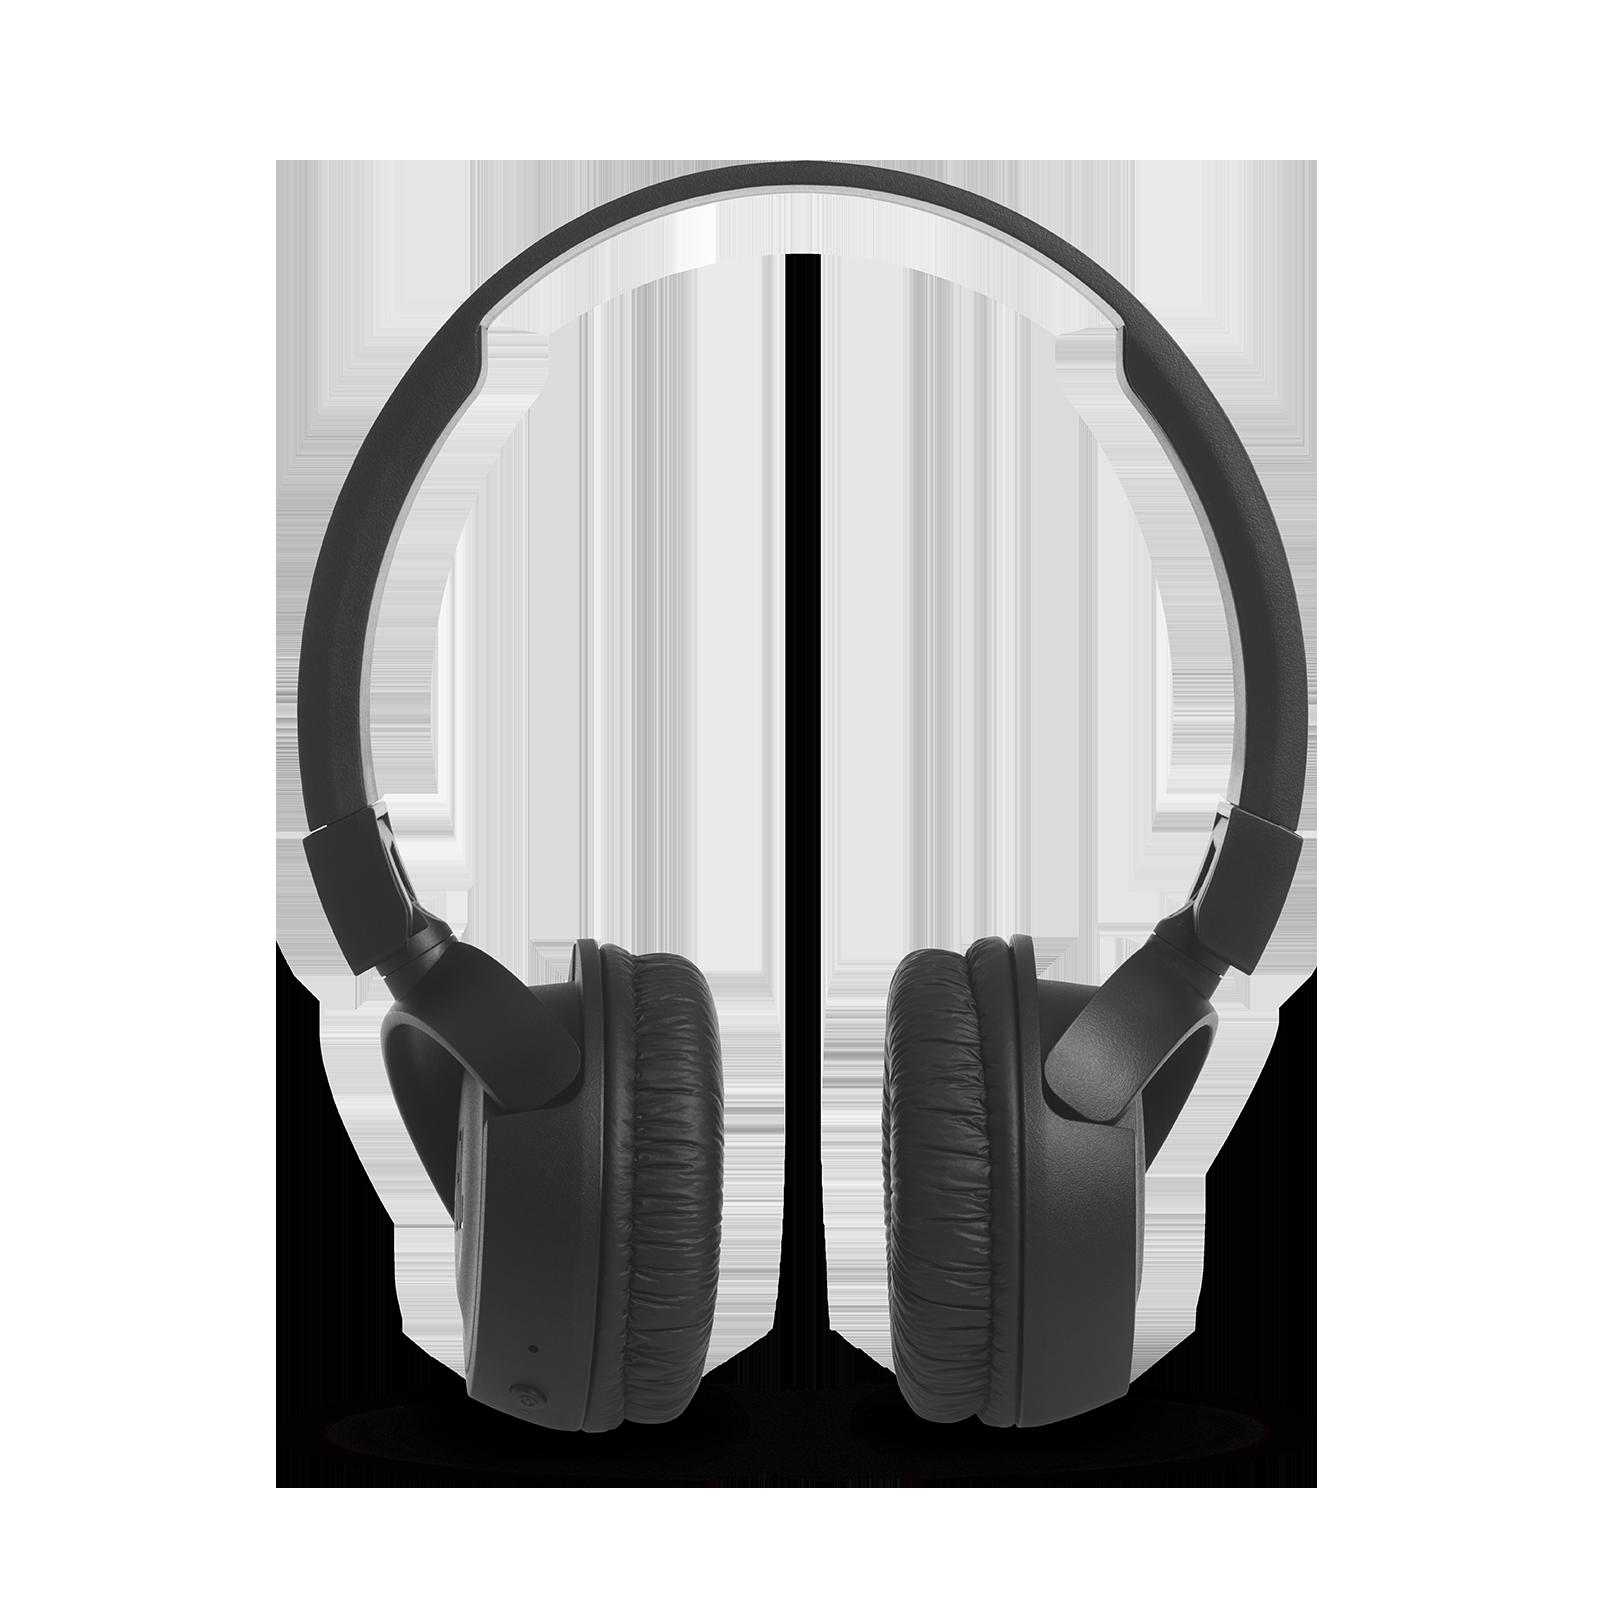 JBL T460BT - Black - Wireless on-ear headphones - Front